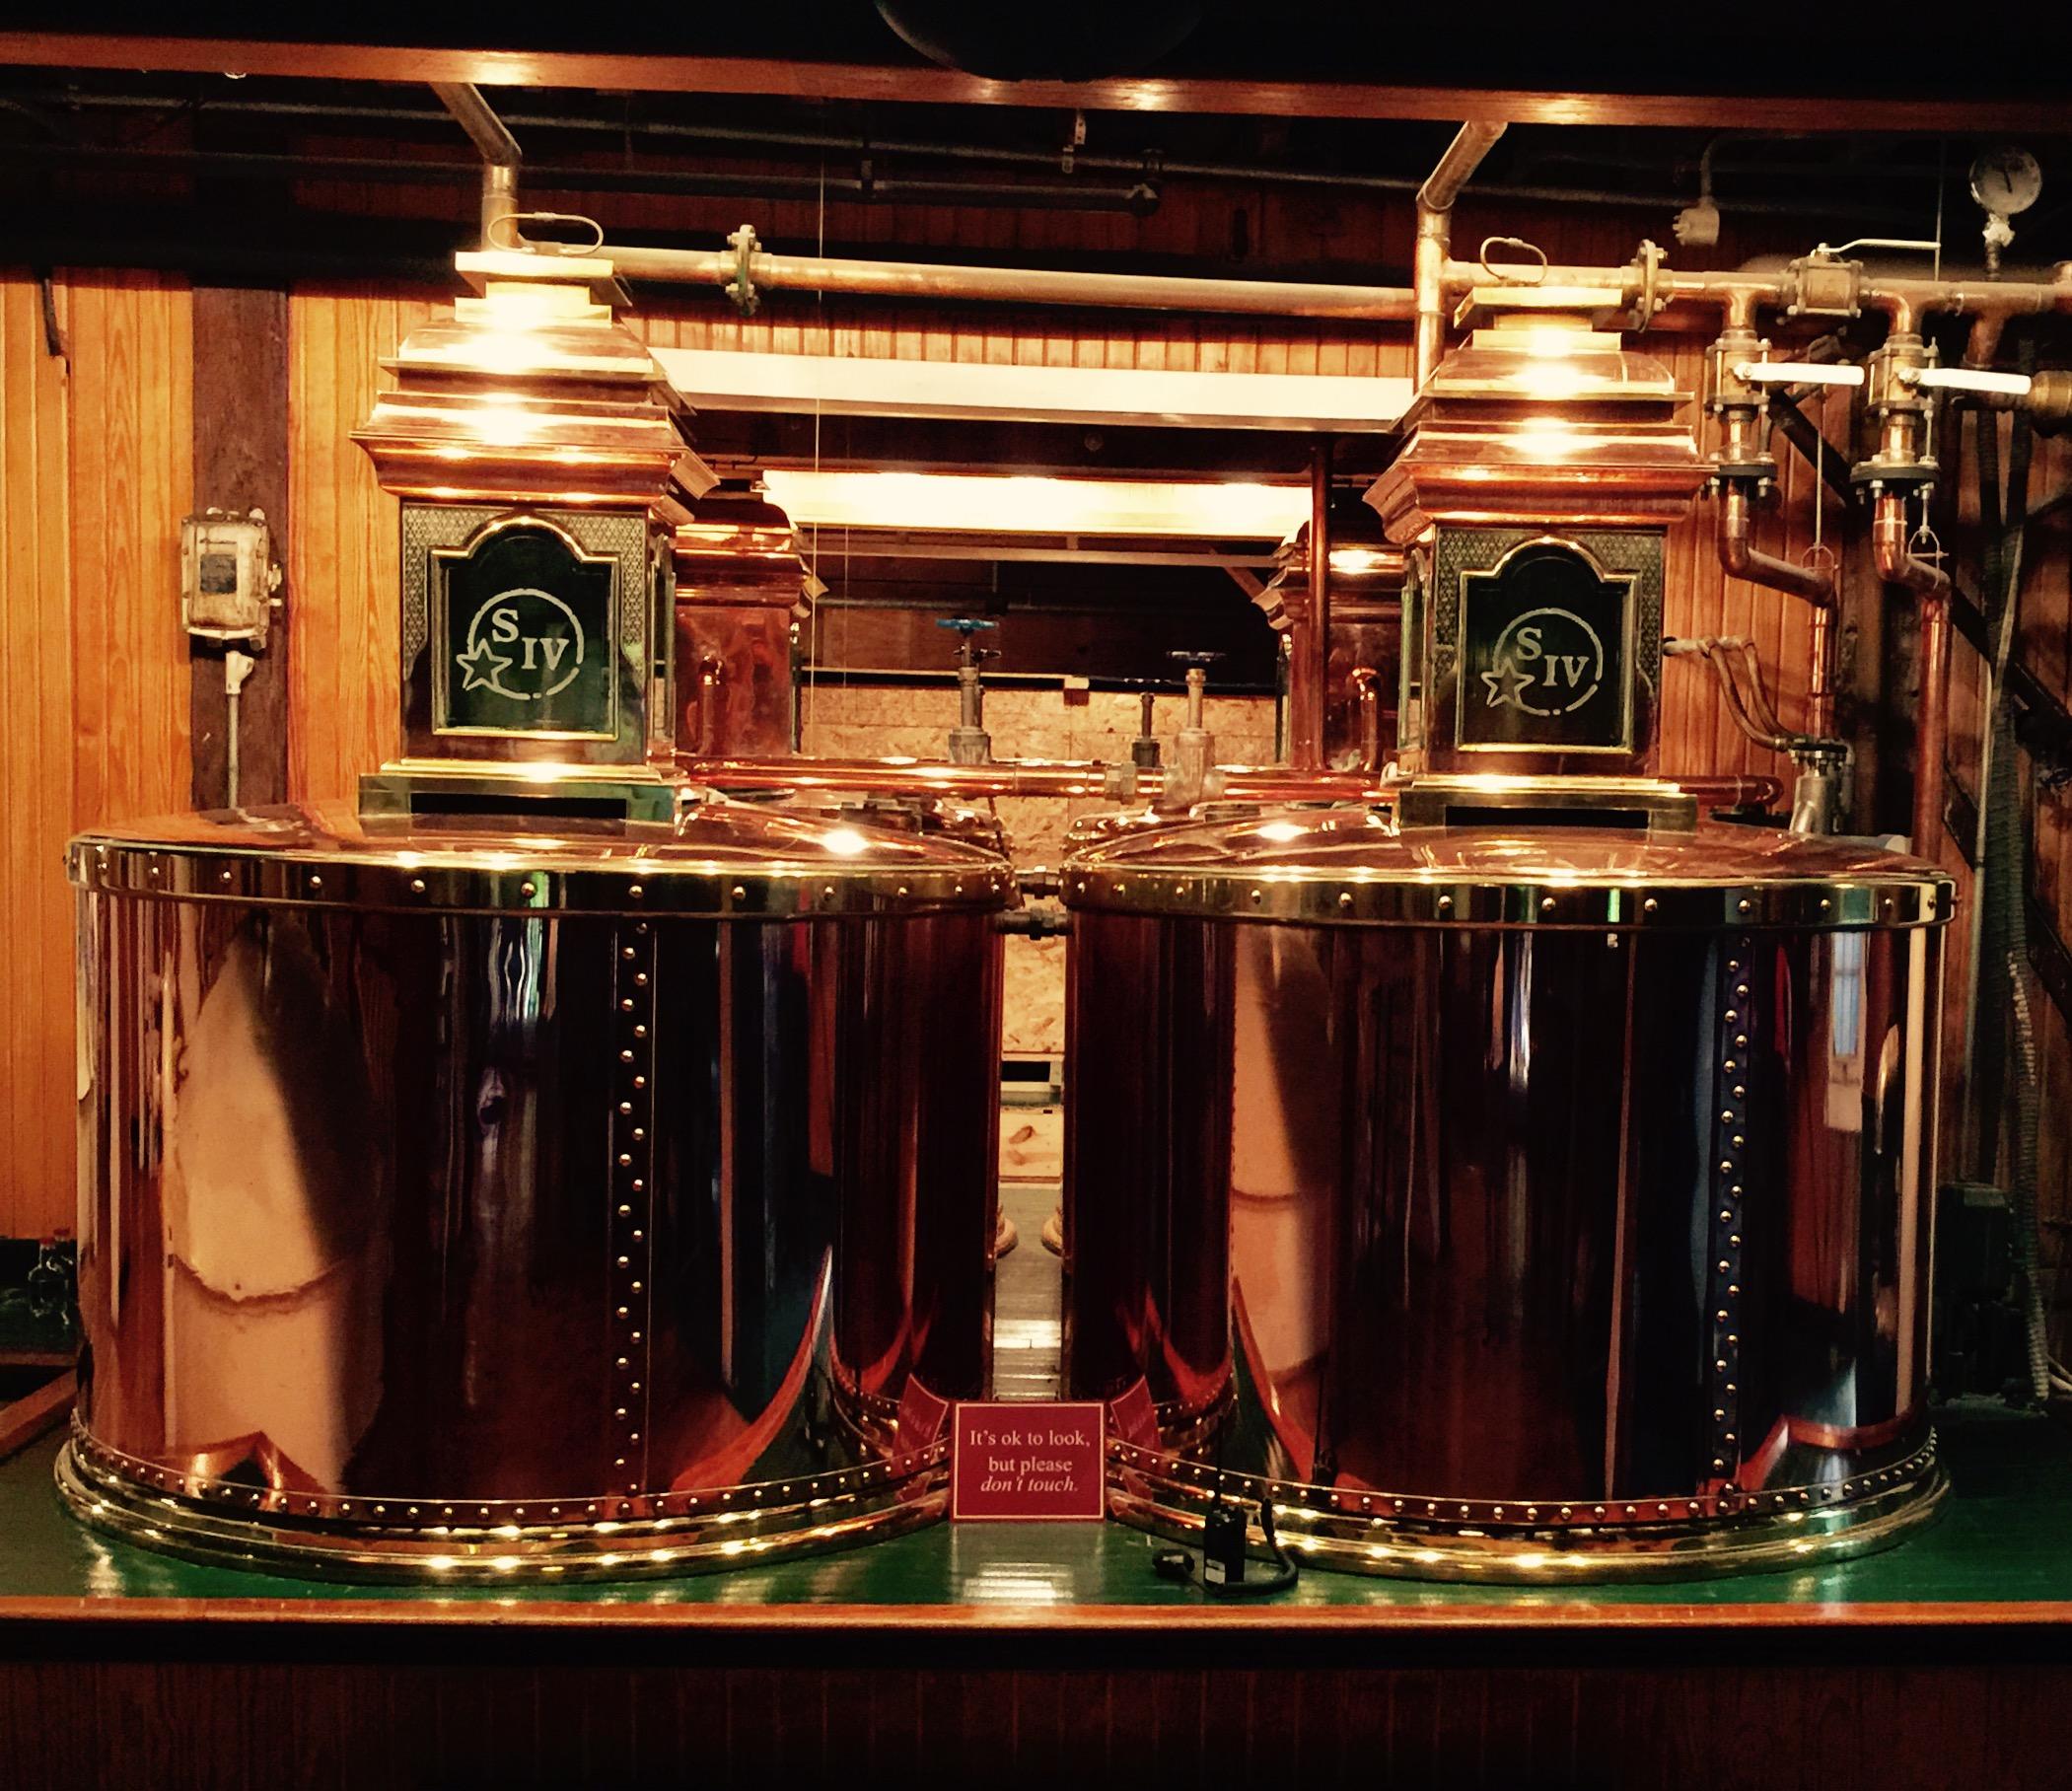 Polished copper stills at Maker's Mark.